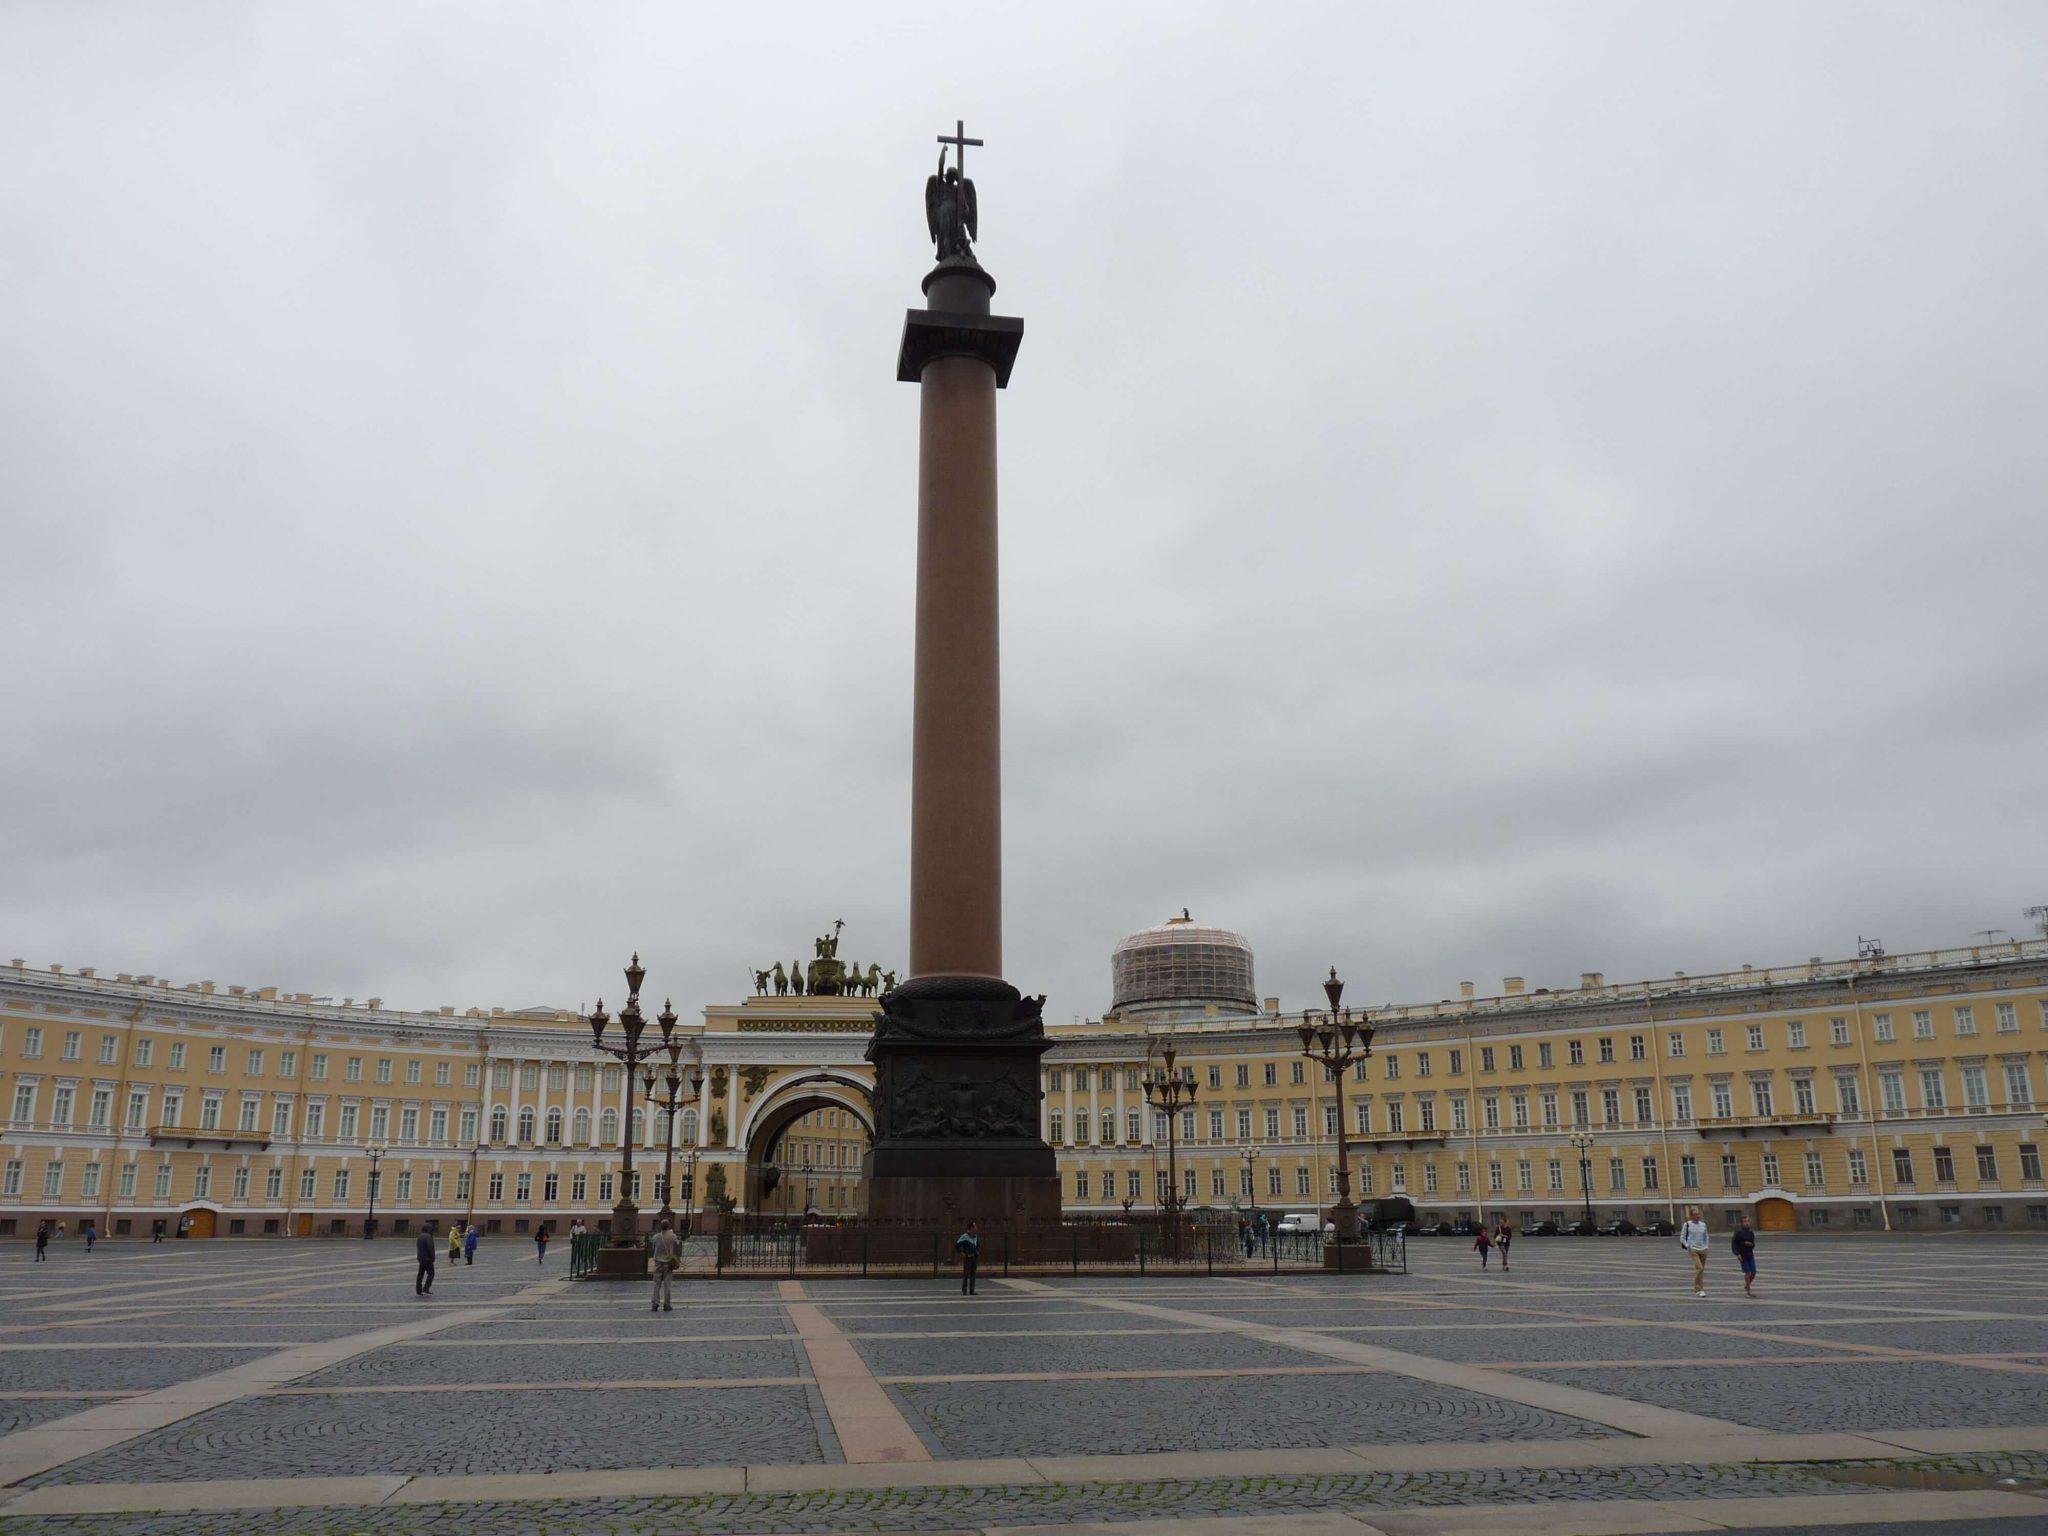 Edifício do Estado Maior exterior São Petersburgo Rússia Mundo Indefinido